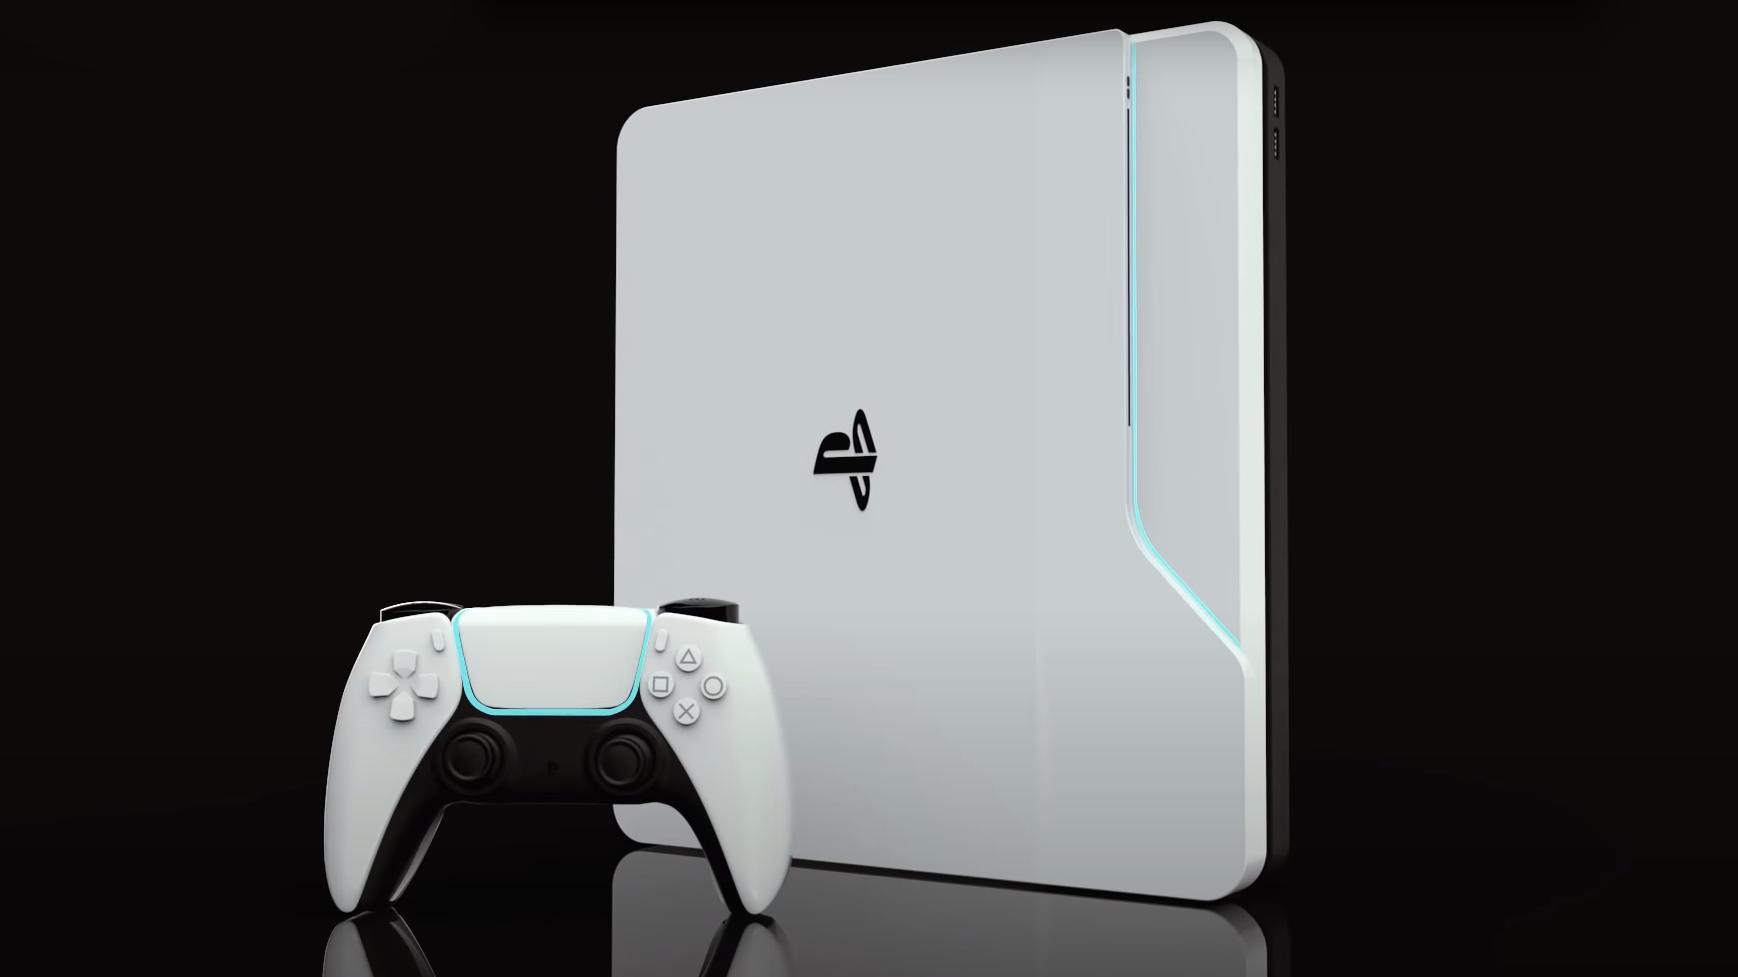 Через протести в США перенесено анонс  PS5 та ігор для неї